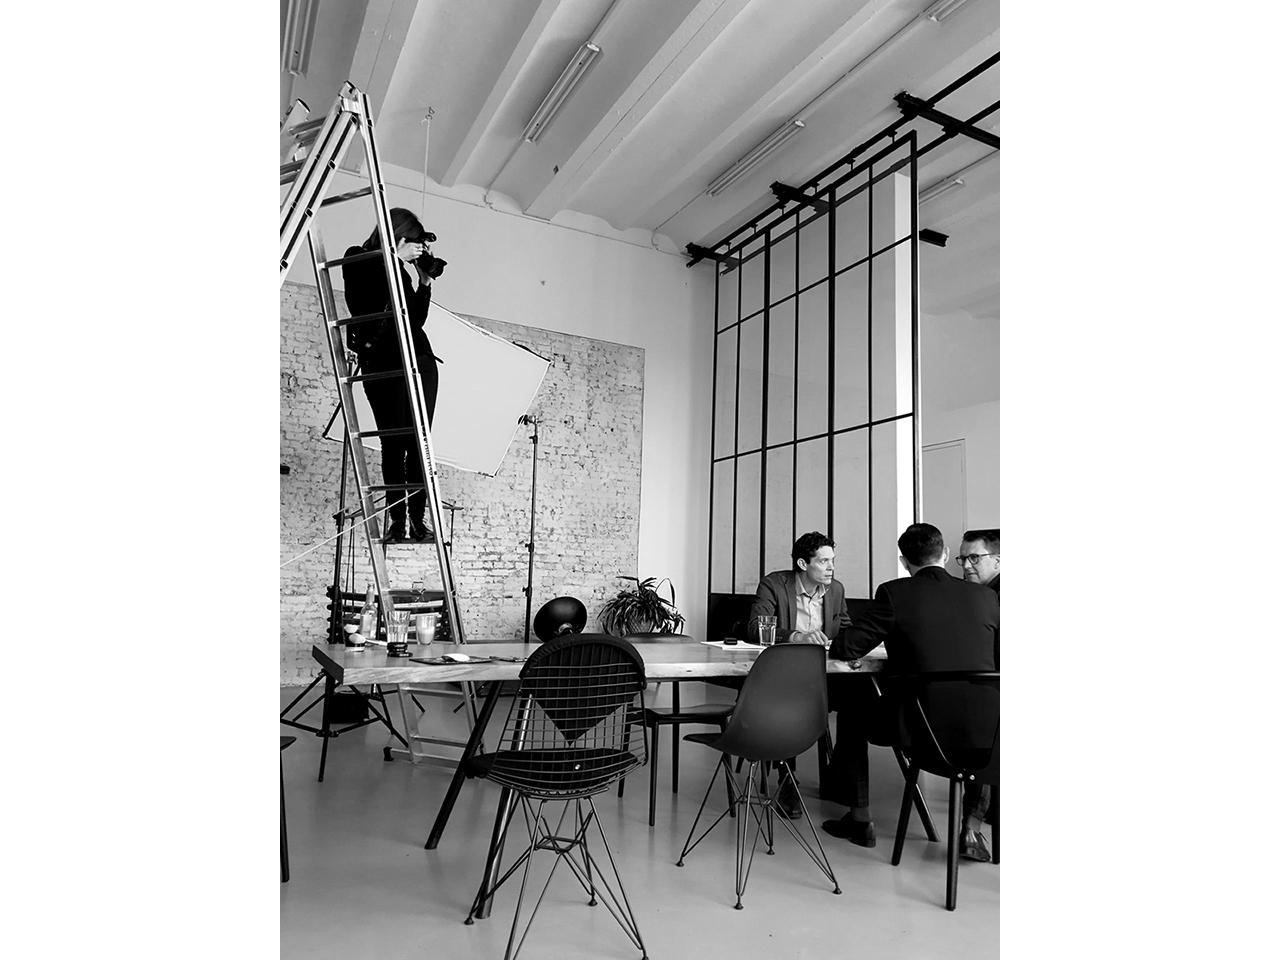 Making Of vom Shooting mit bauass Versicherungsmakler GmbH, Versicherungslösungen für die Bauwirtschaft